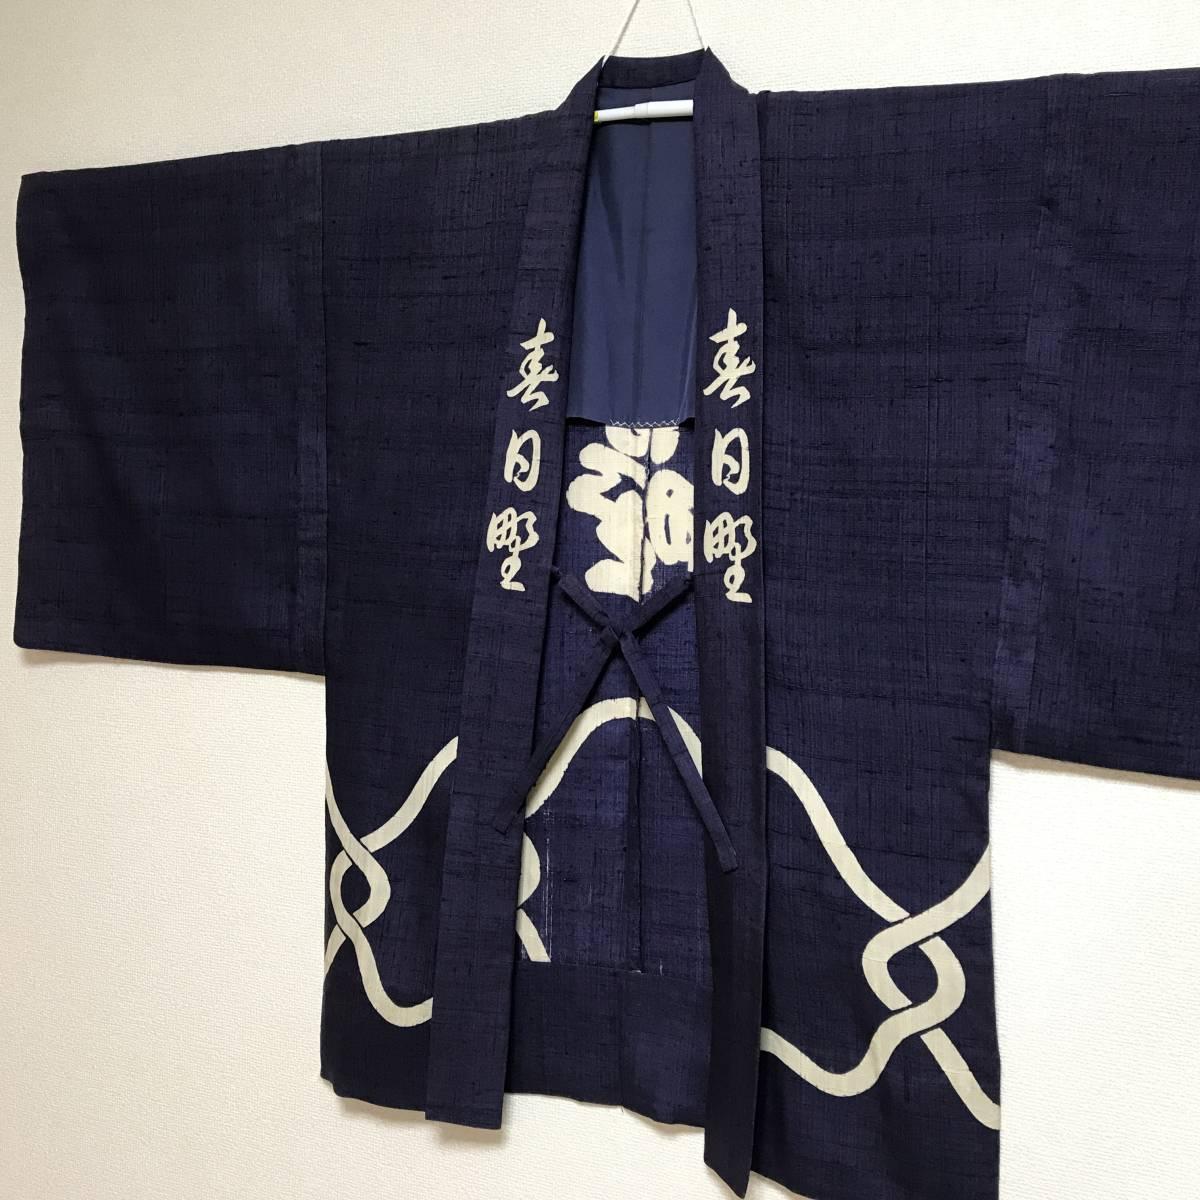 ◆激レア◆大相撲 呼出しさんの衣装 羽織り『春日野』紫色(相撲 呼び出し 行司 衣装 着物 和服 男性 珍品 レア)